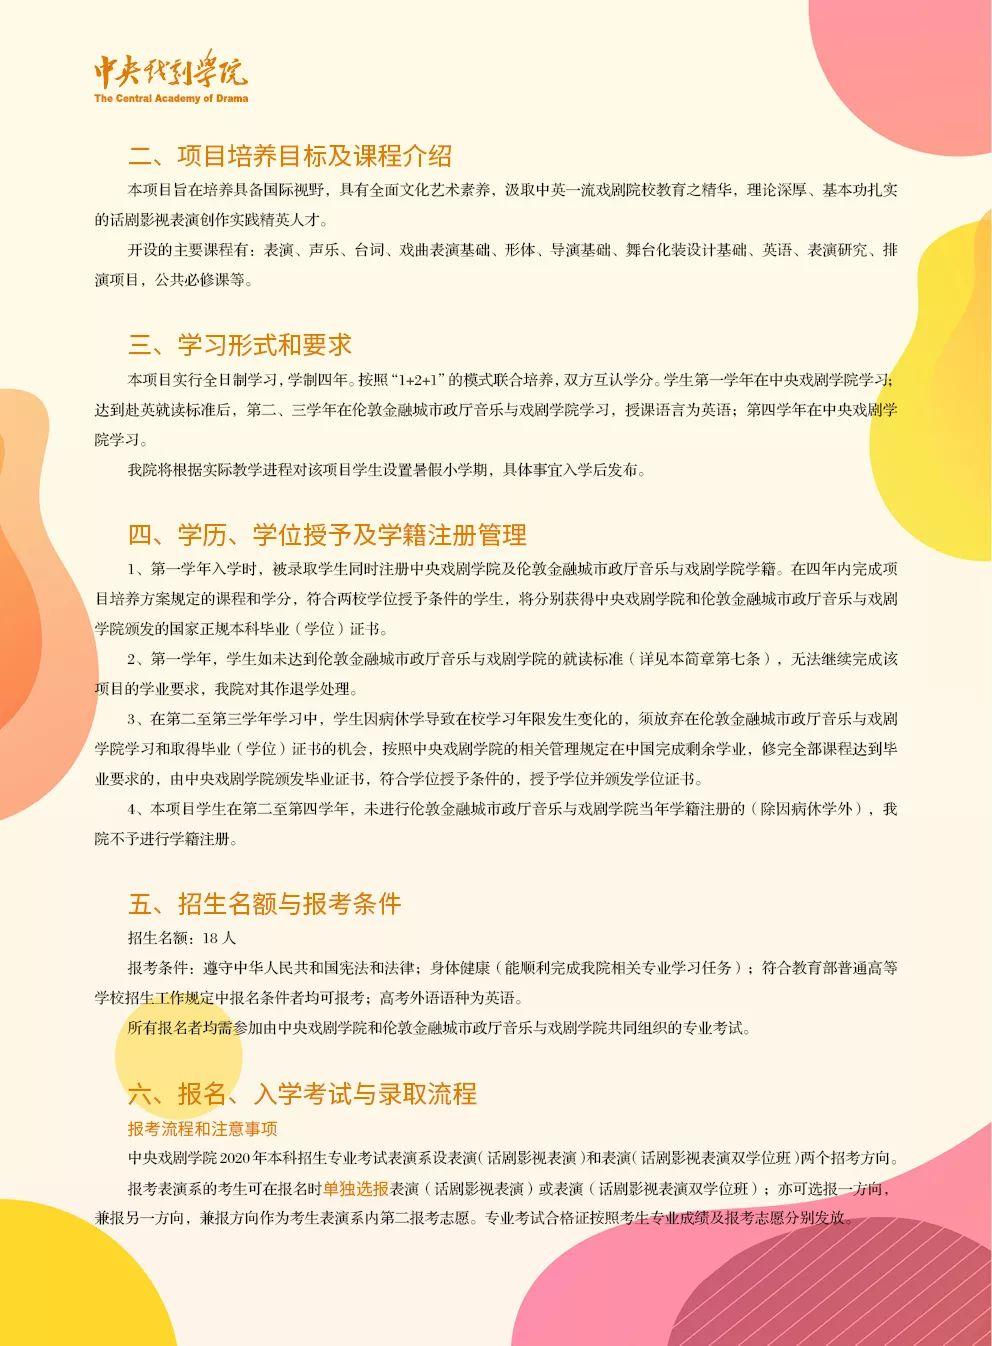 中国传媒大学,北京电影学院,中央戏剧学院,北京巅峰广艺画室       51